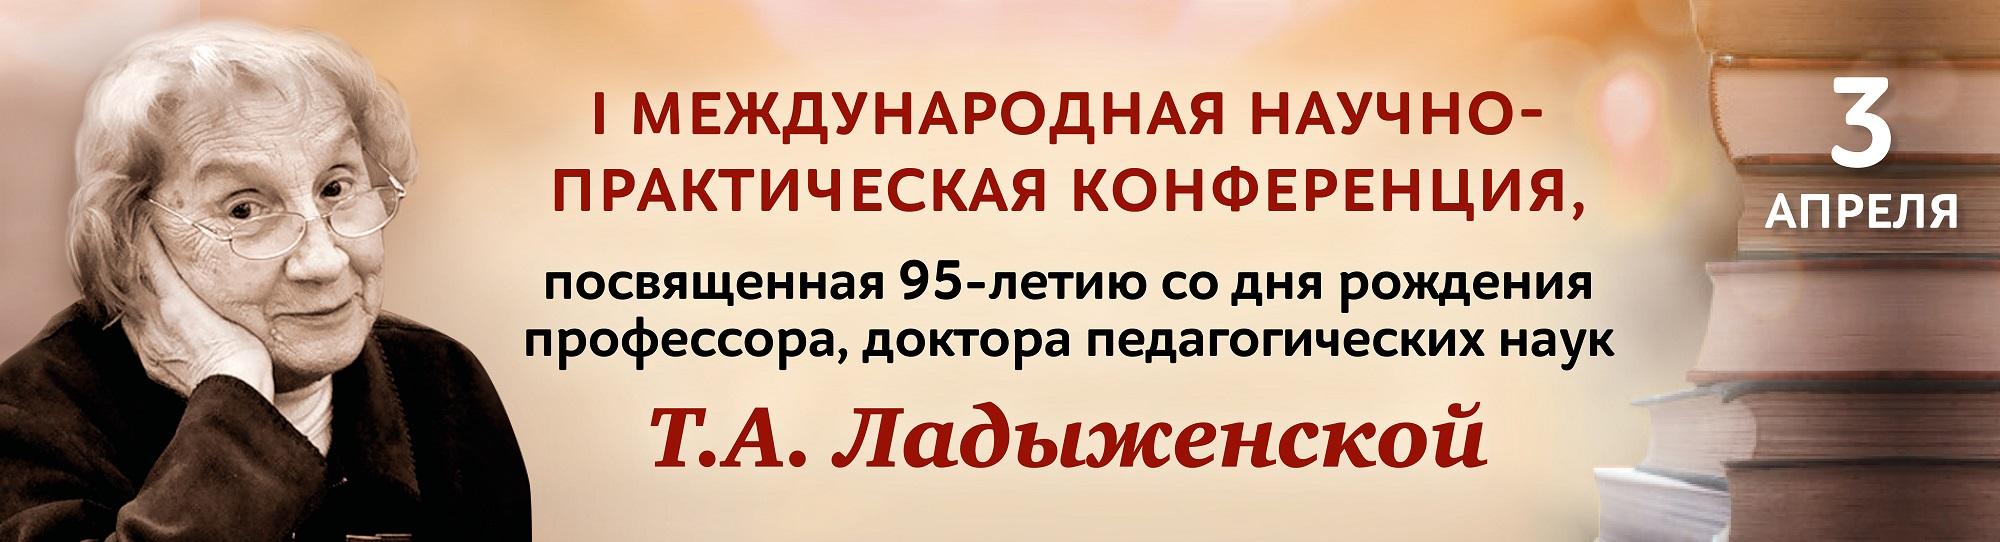 Ладыженская2